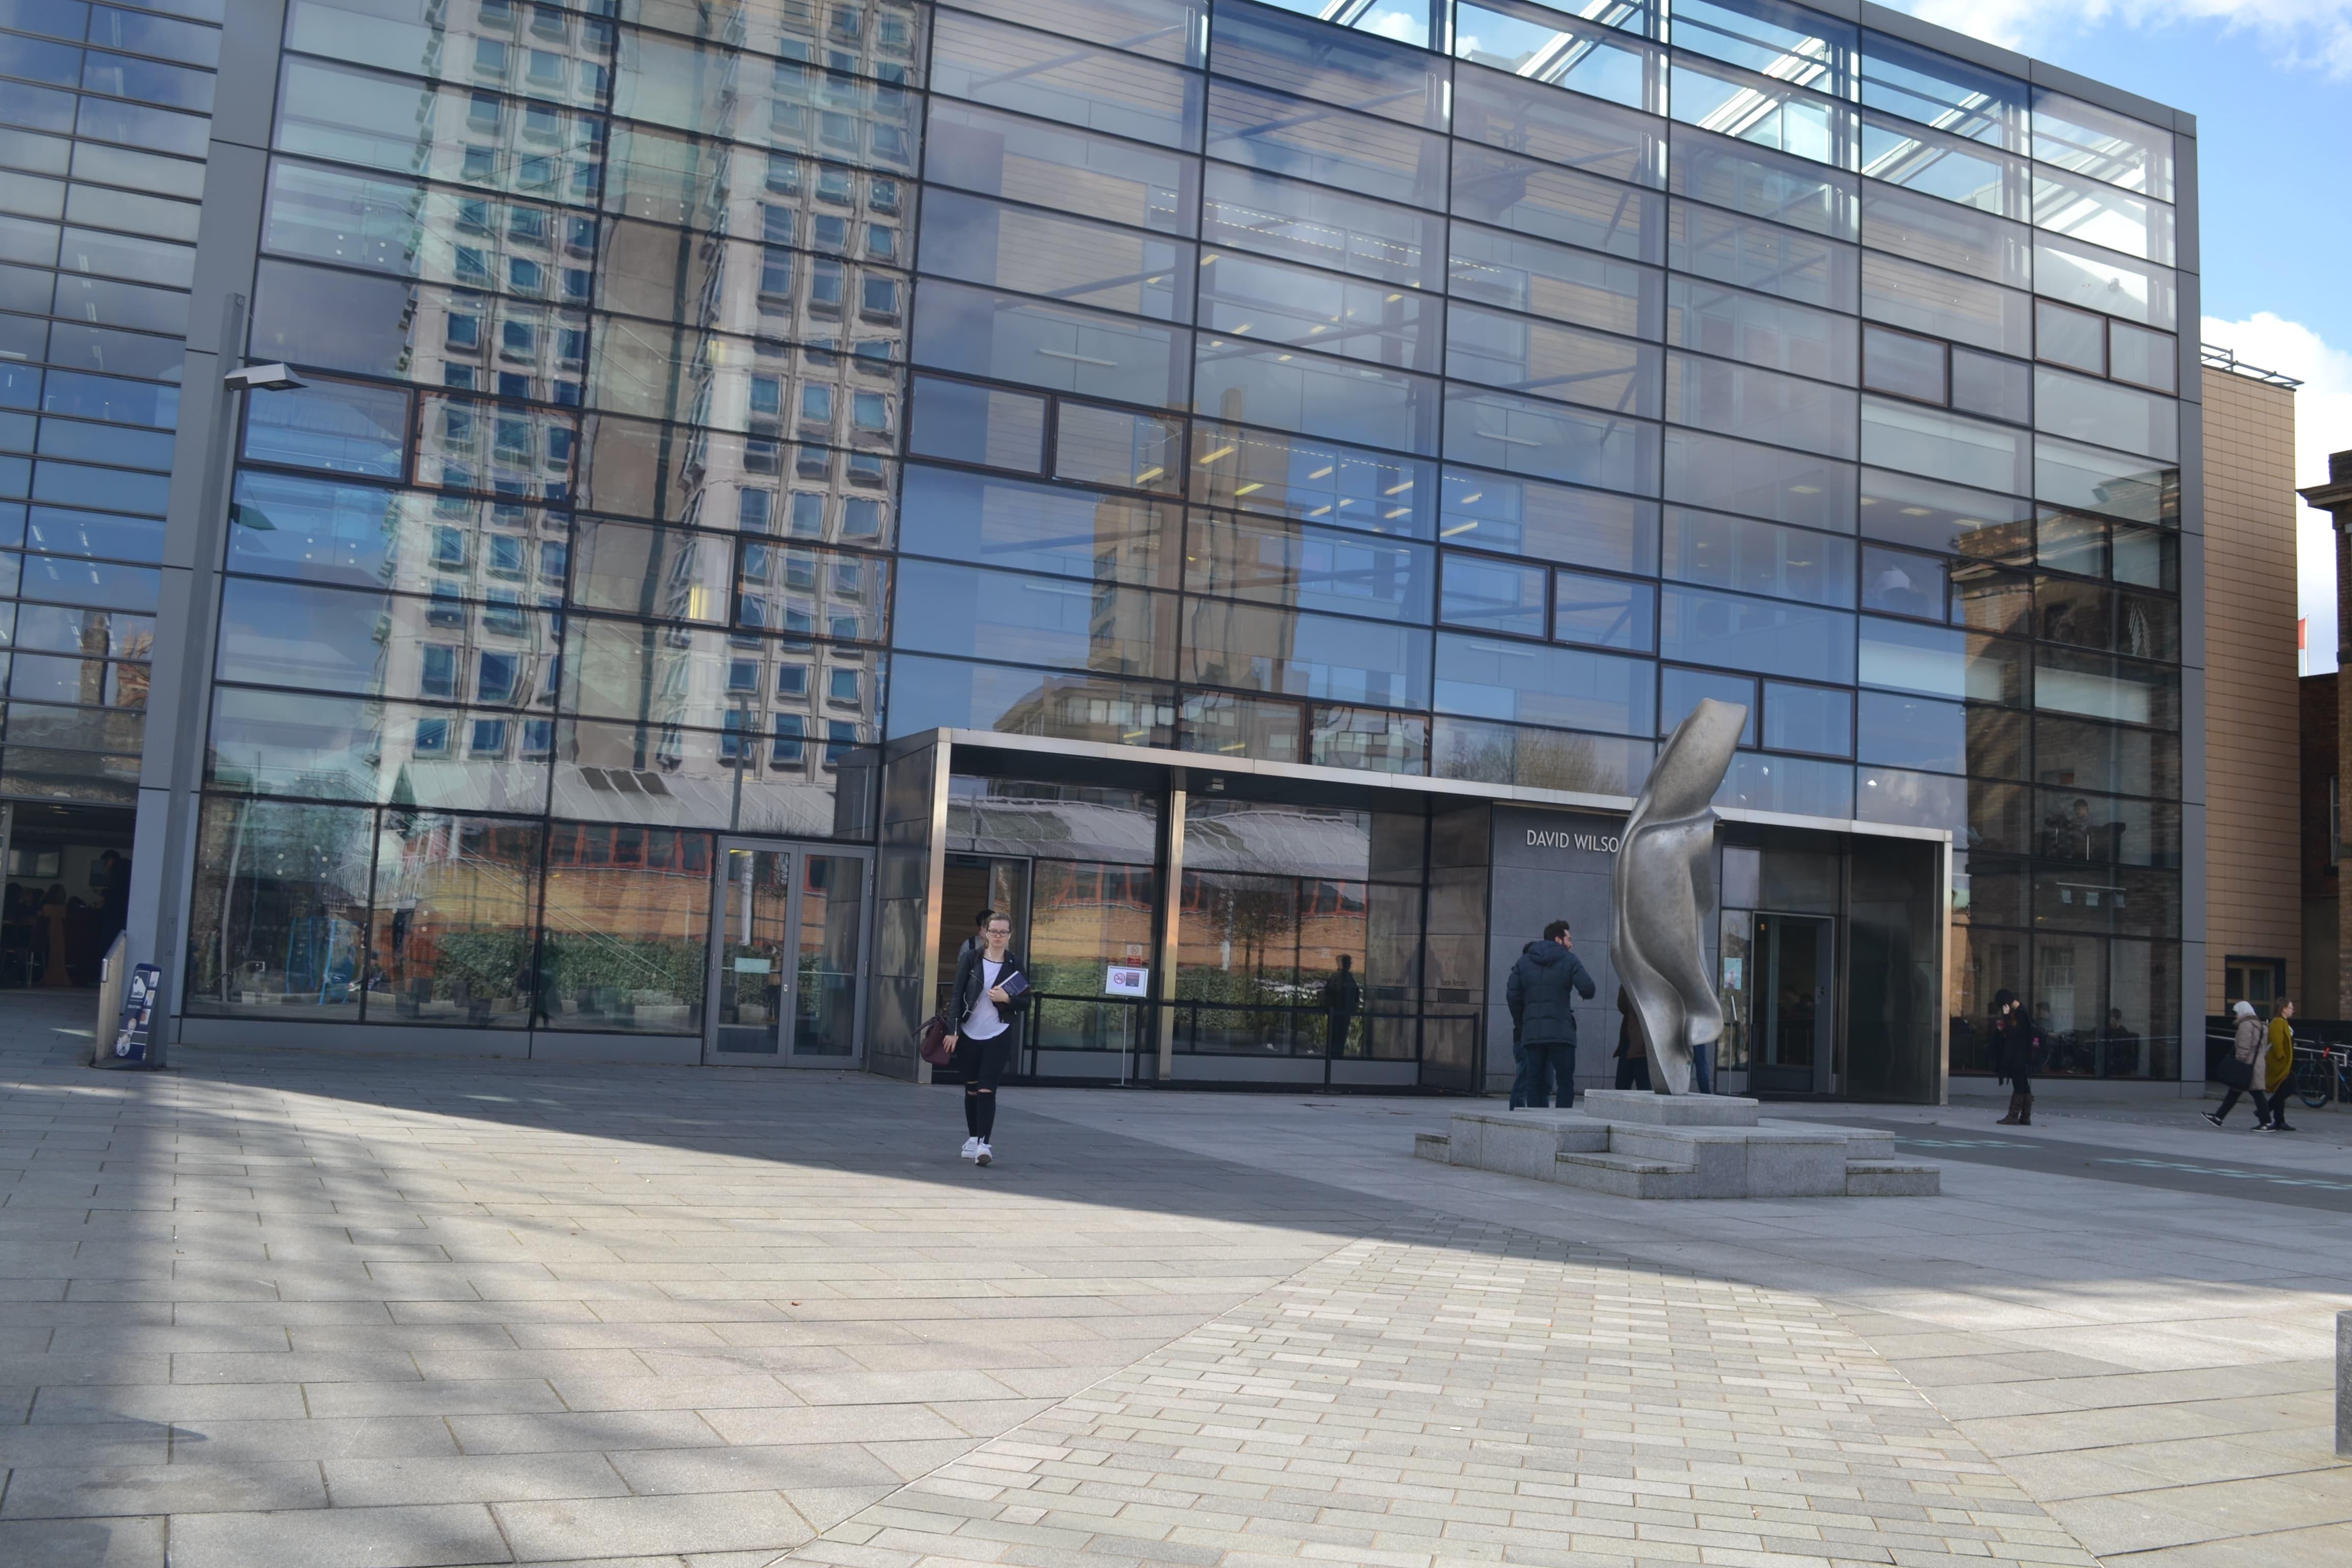 Внутри здание O2 Academy похоже на шопинг мол